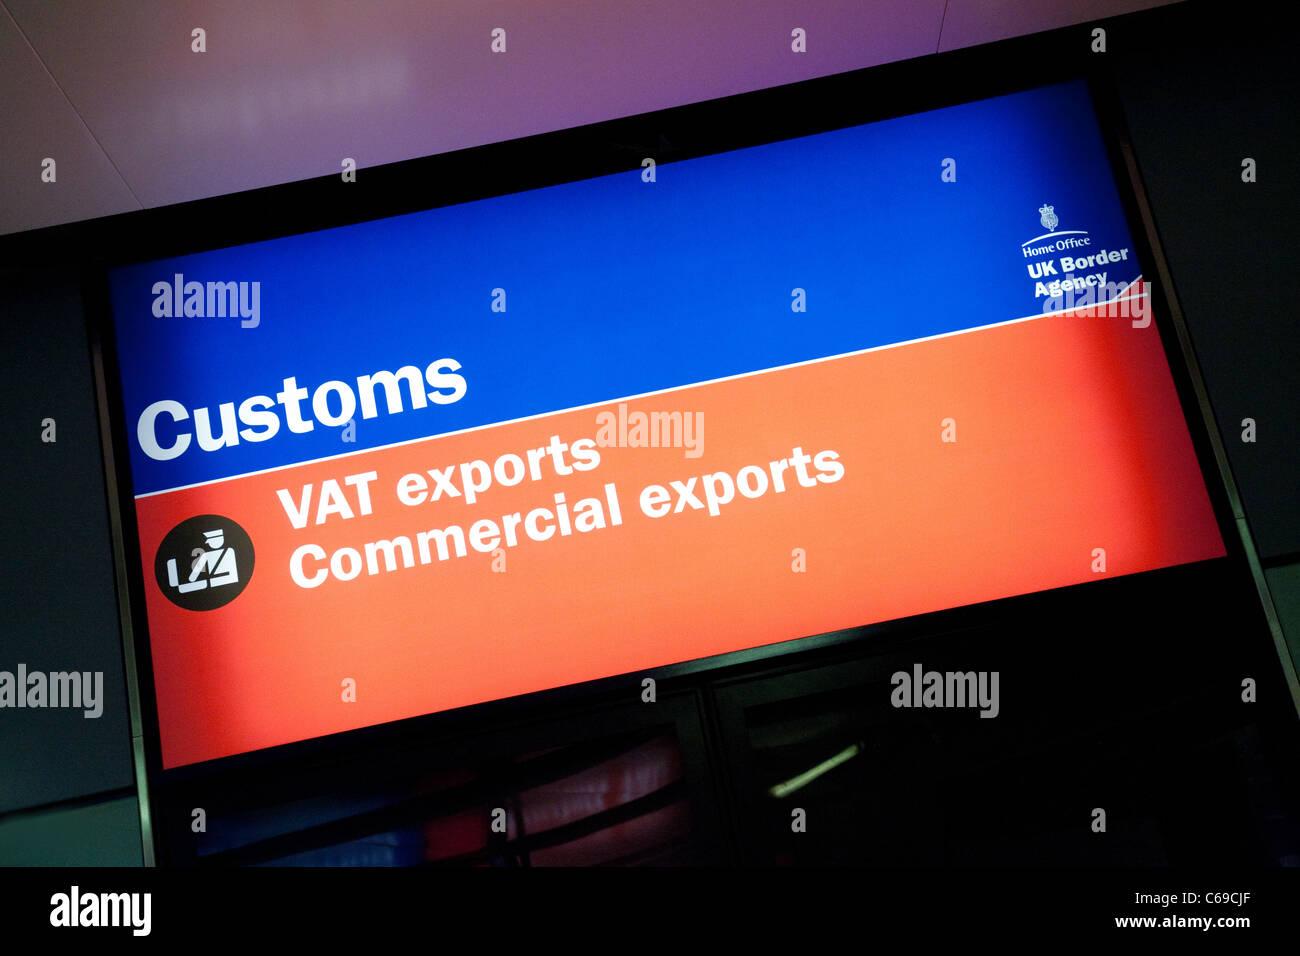 UK Border Agency signe des douanes , la borne 3 de l'aéroport Heathrow de Londres, UK Photo Stock